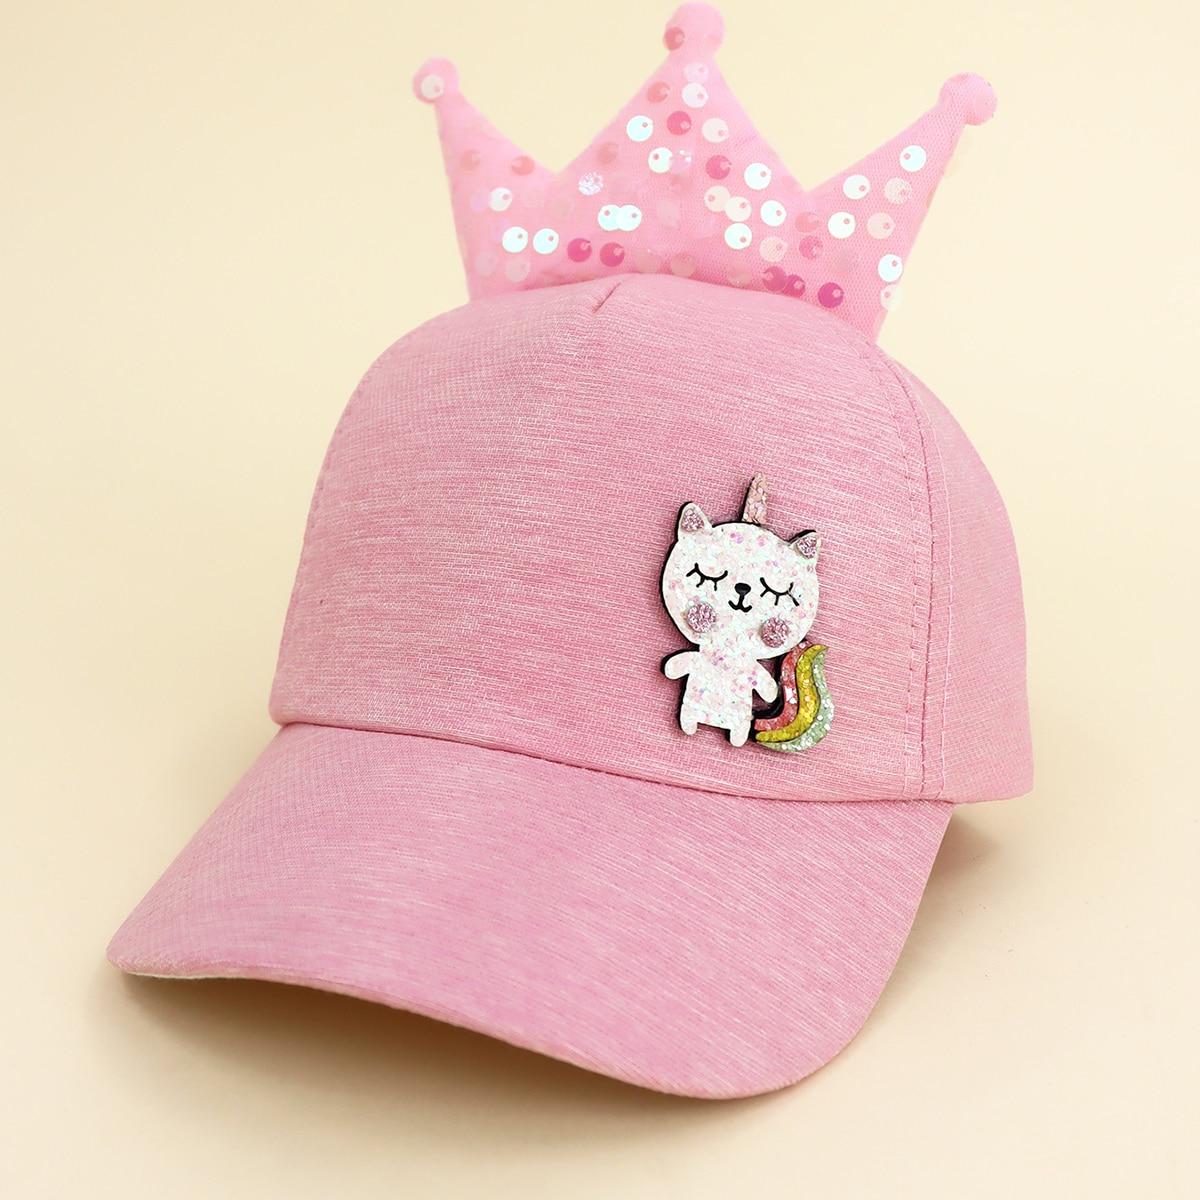 Toddler Girls Crown Decor Baseball Cap